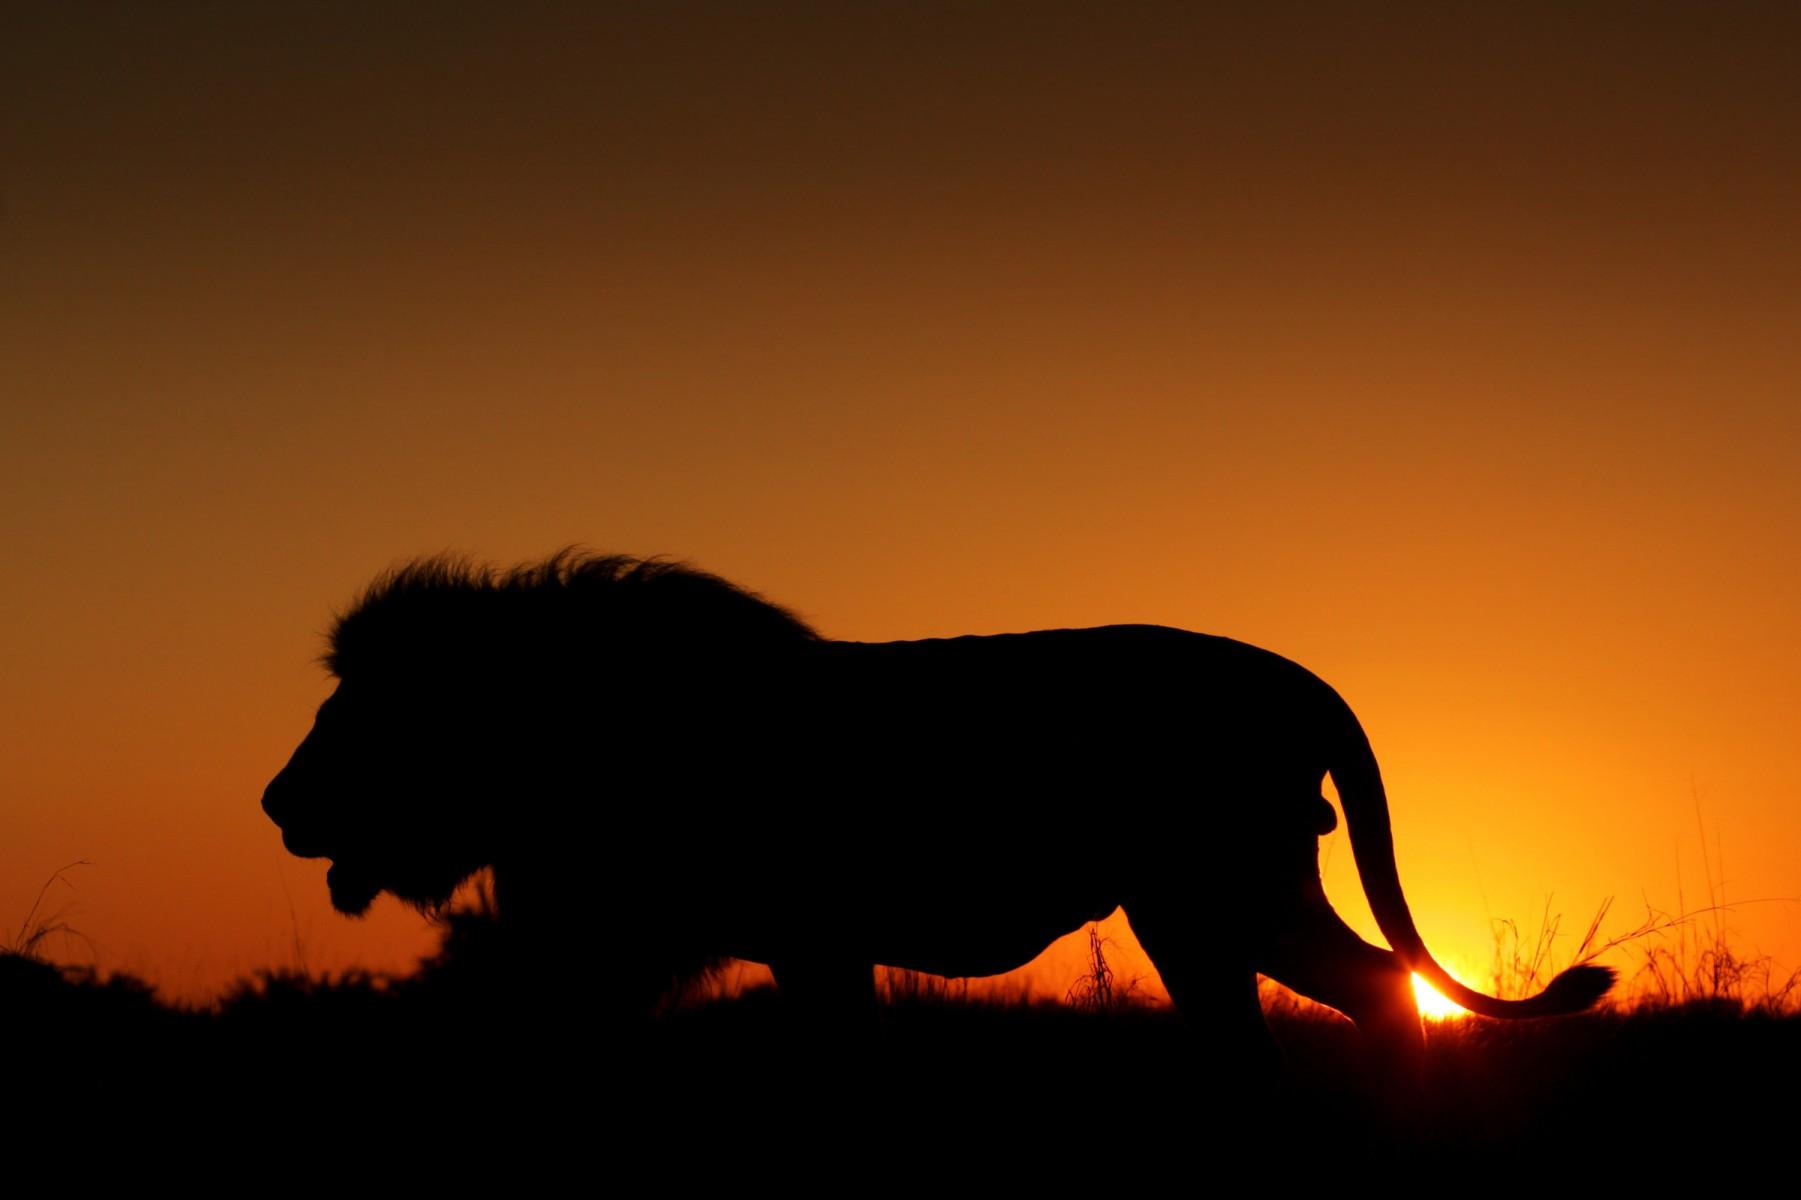 Ảnh đẹp sư tử thiên nhiên